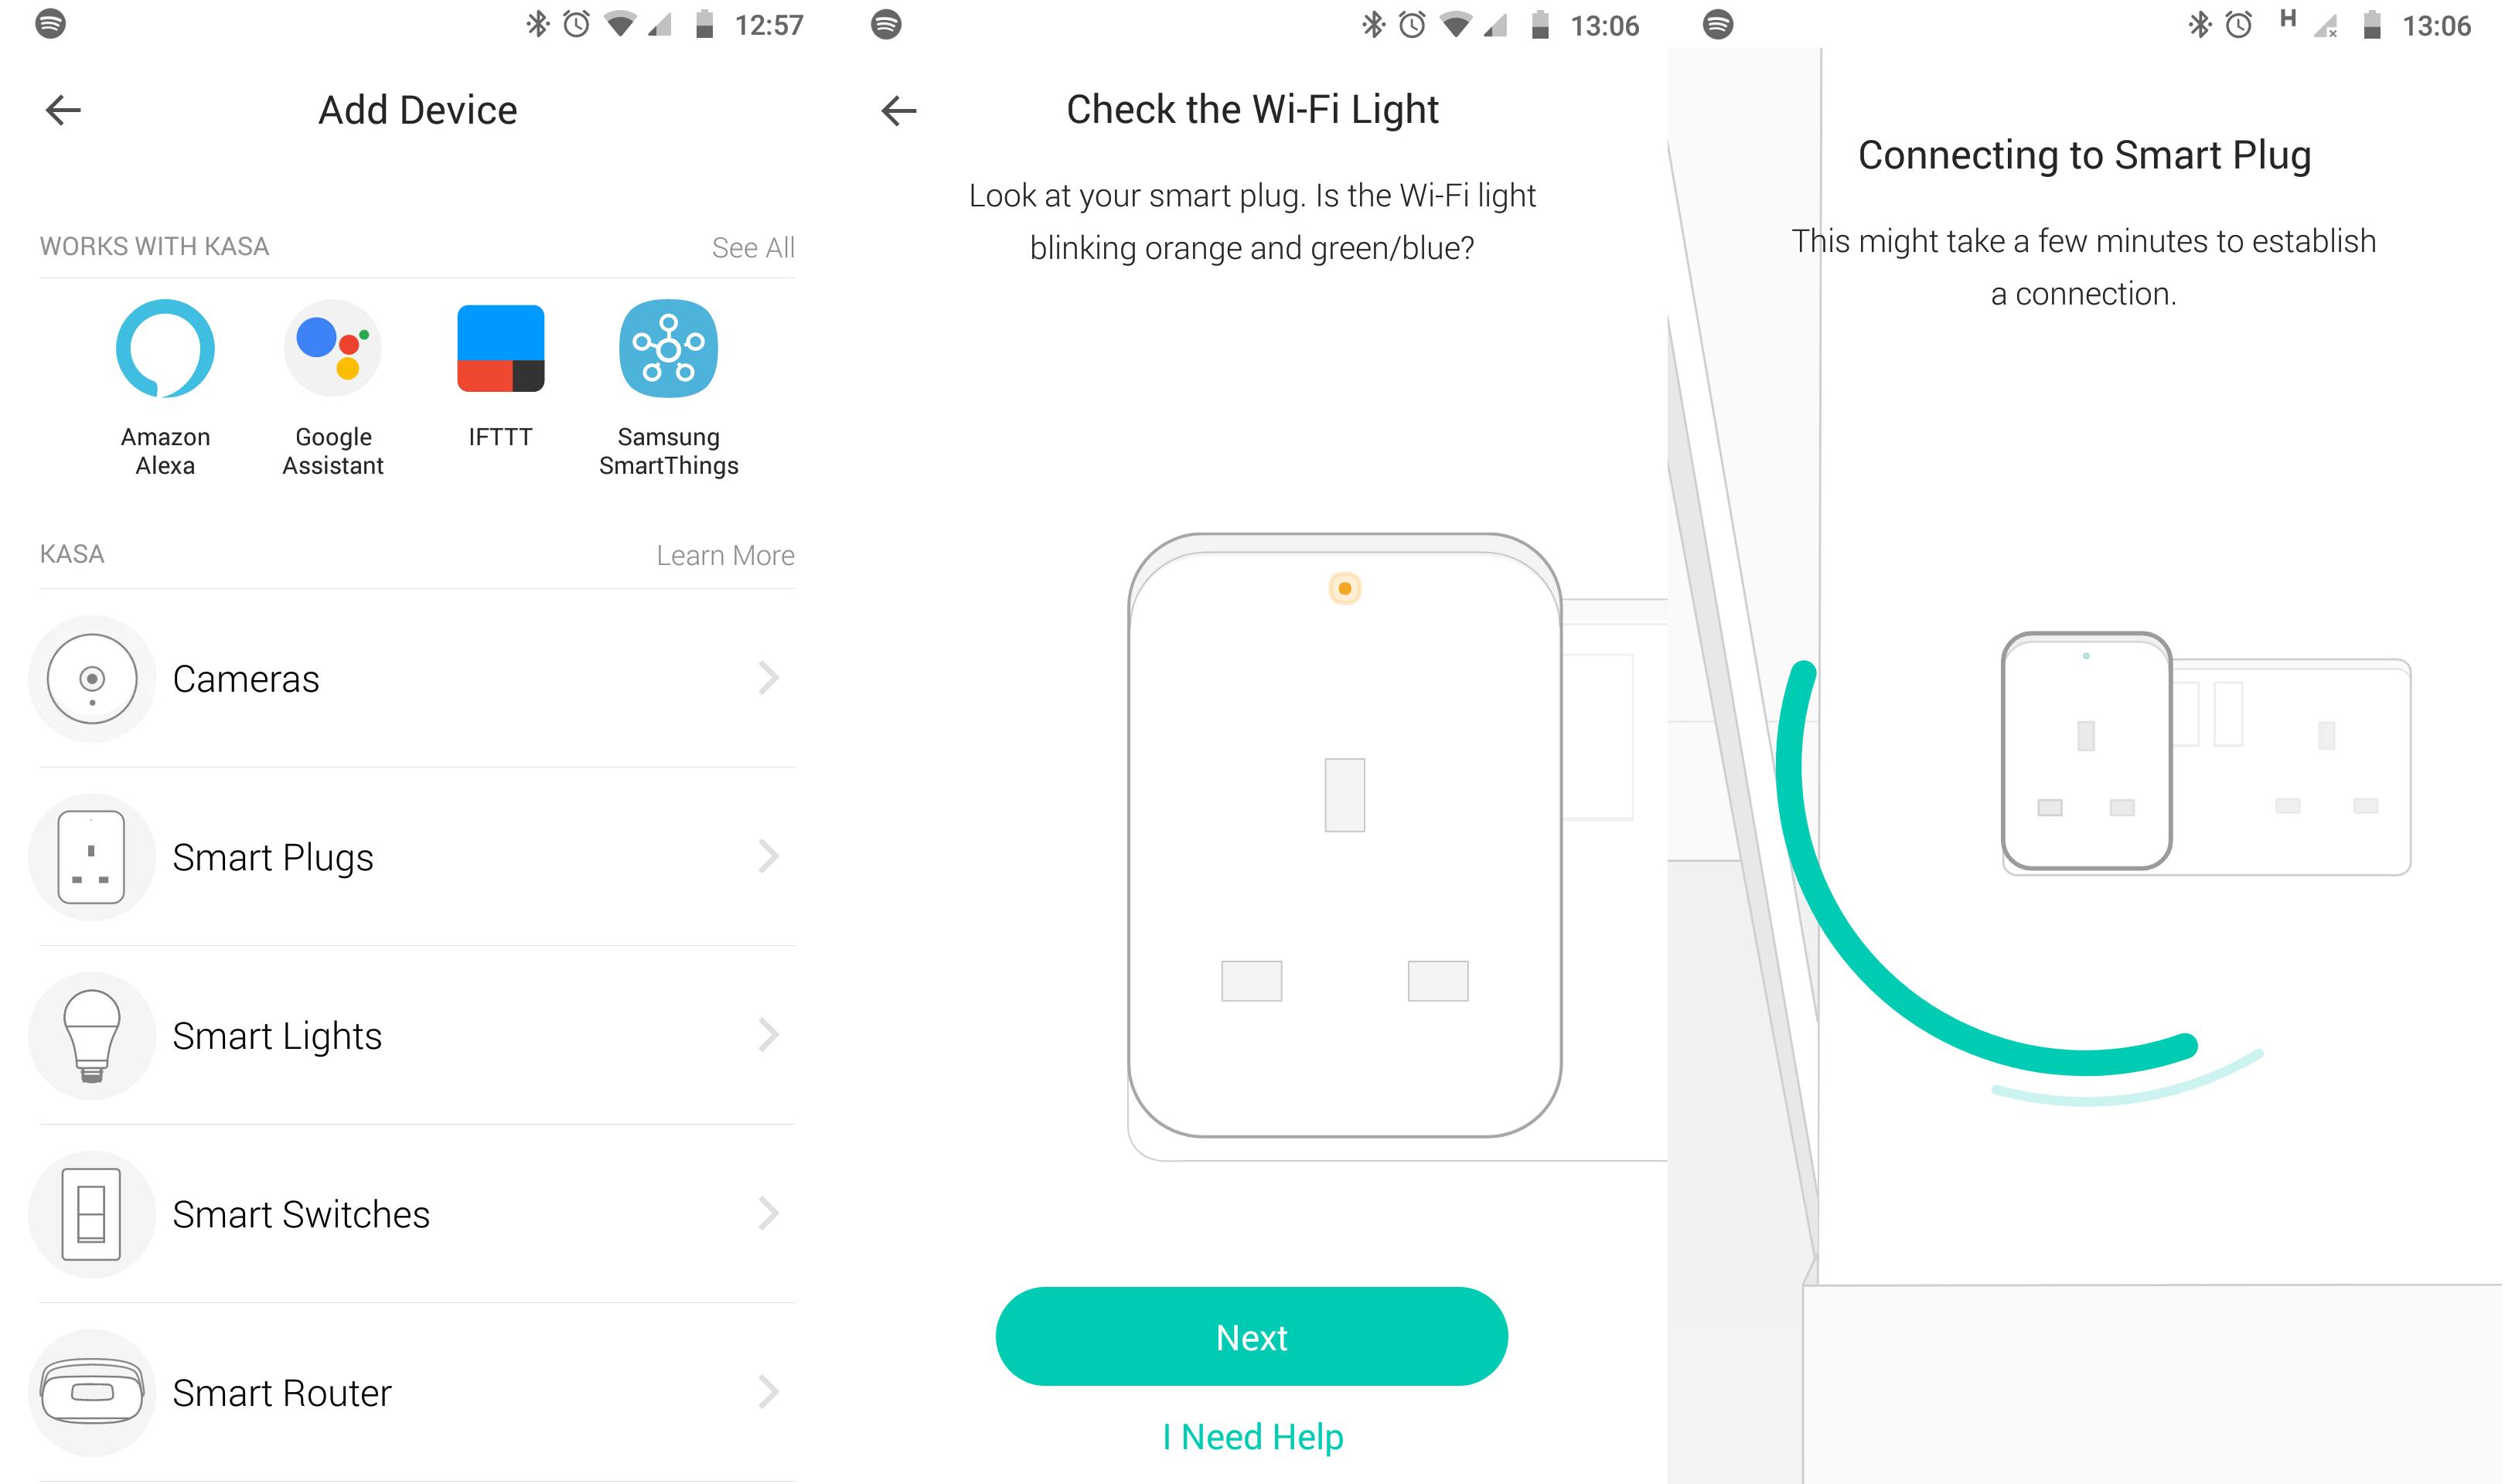 TP-Link Kasa KP105 Smart Wi-Fi Plug app